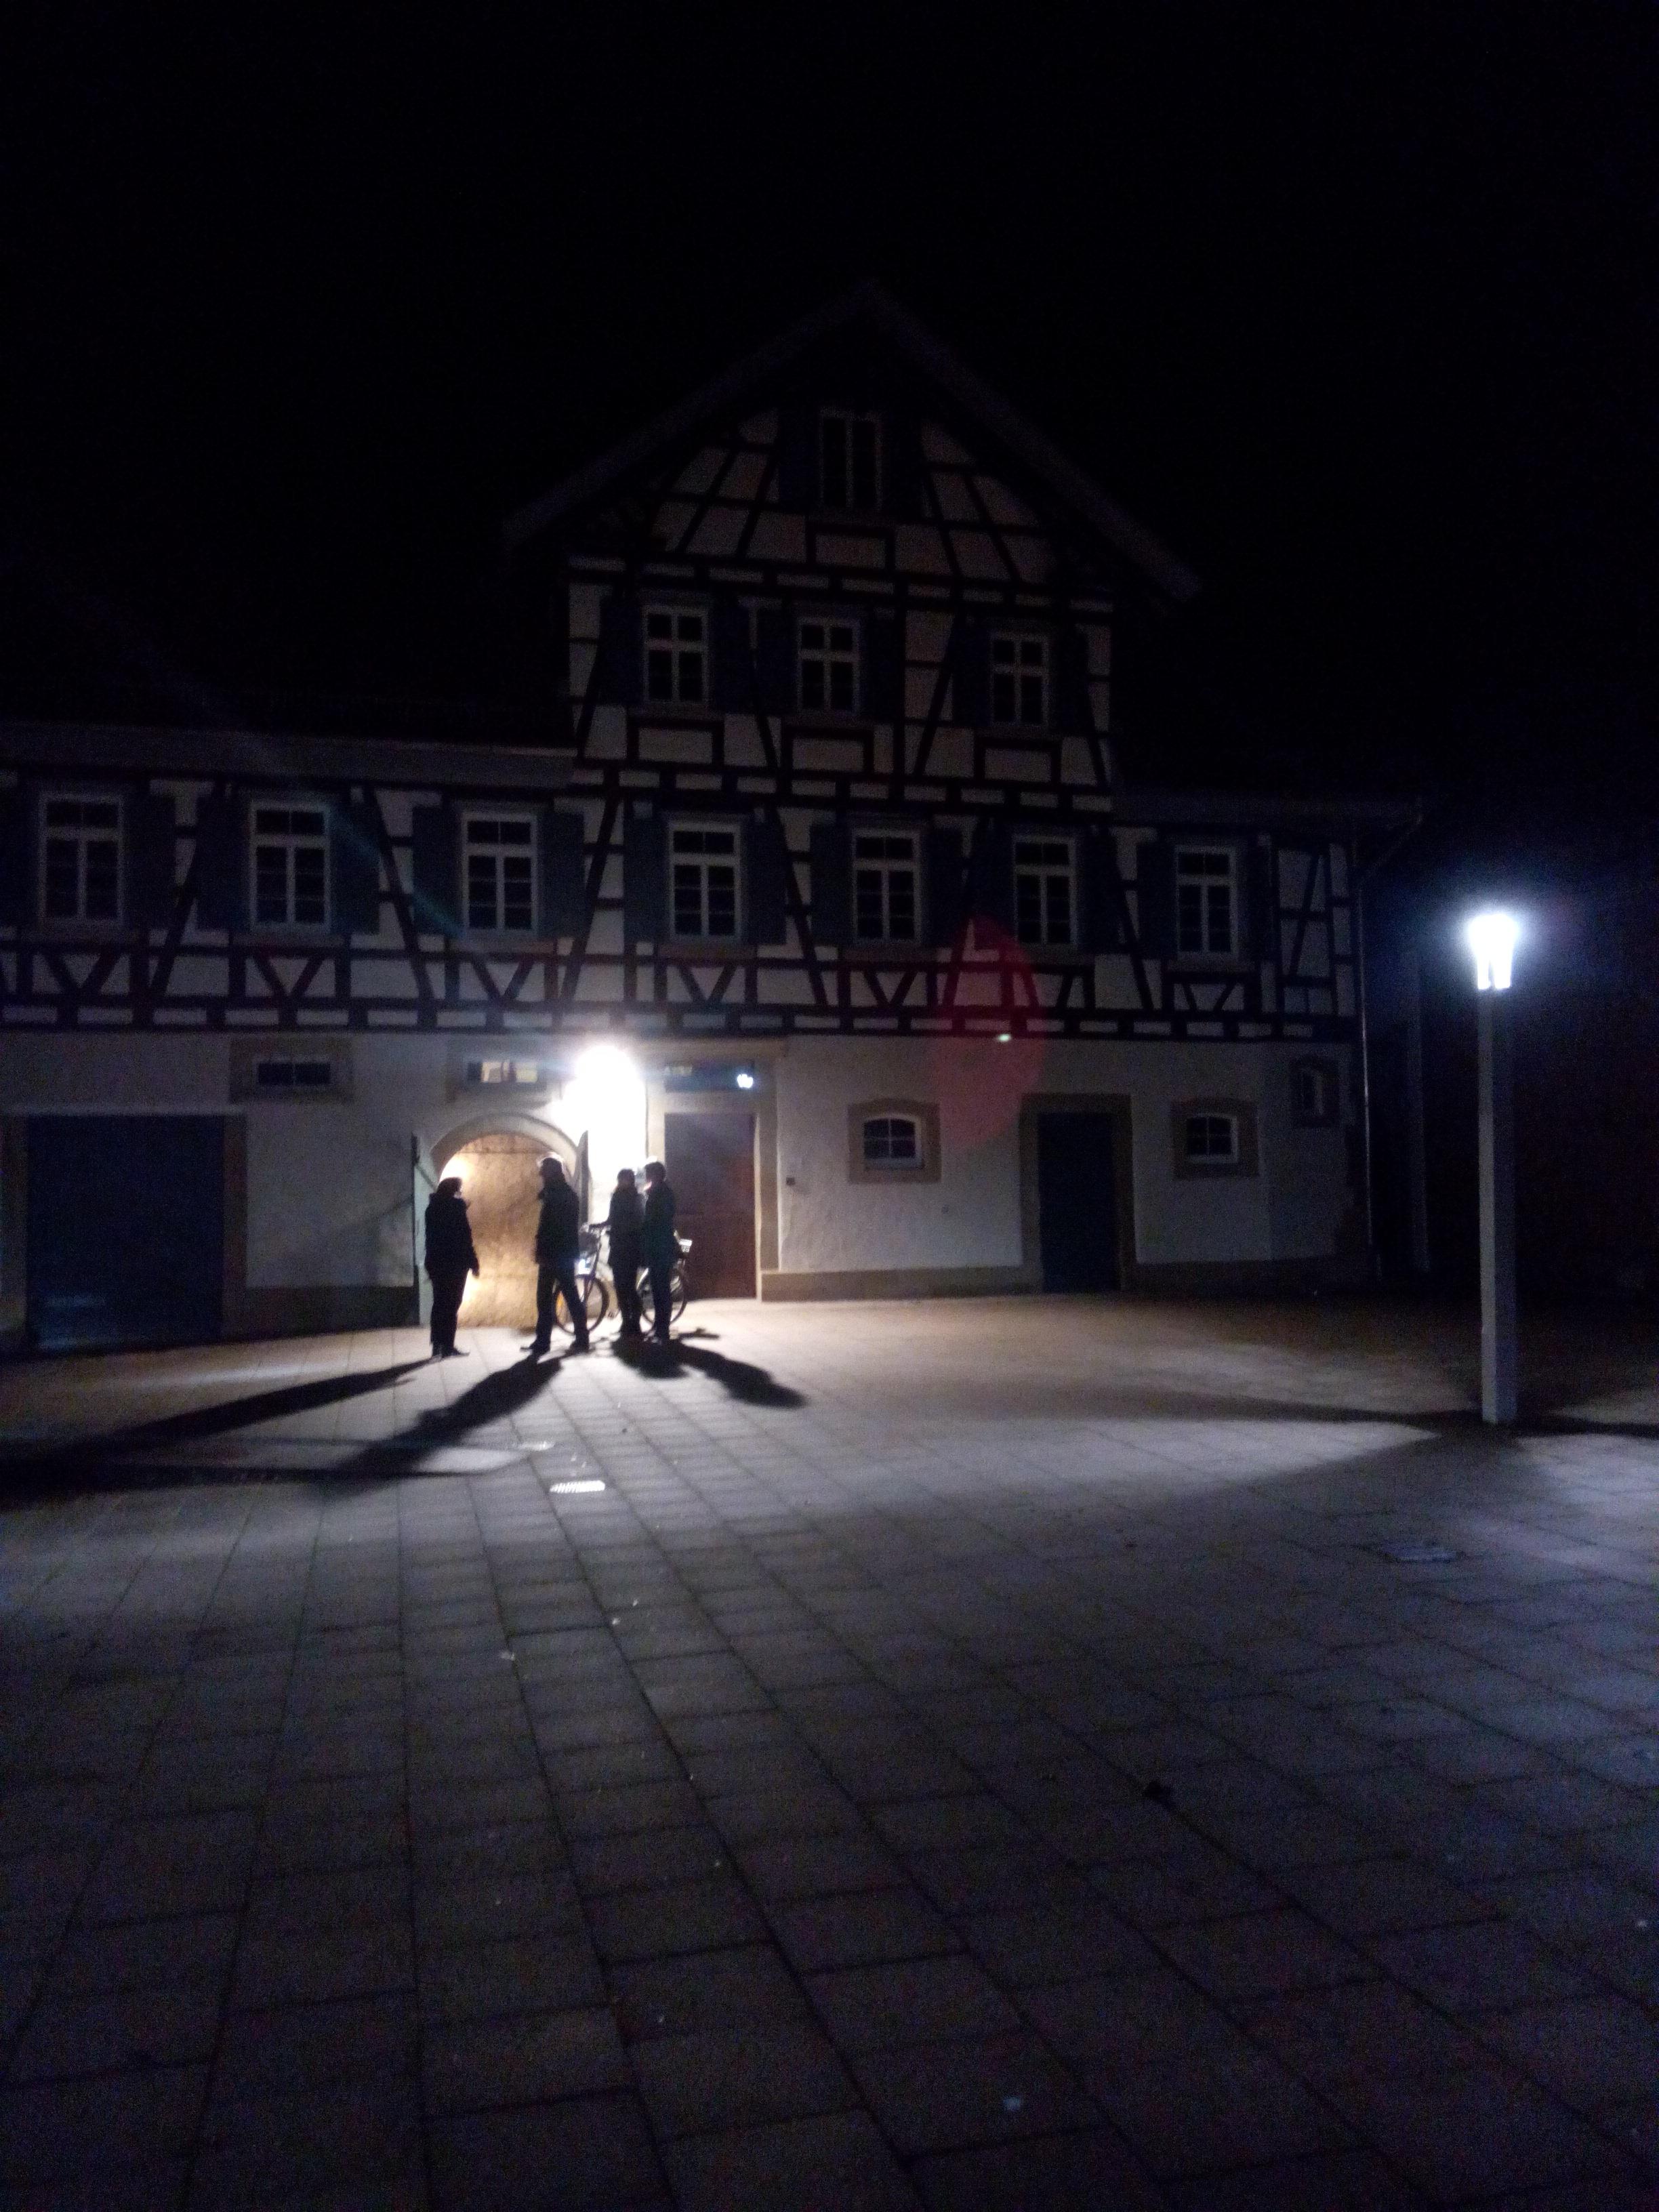 Spätnachts in Bonndorf